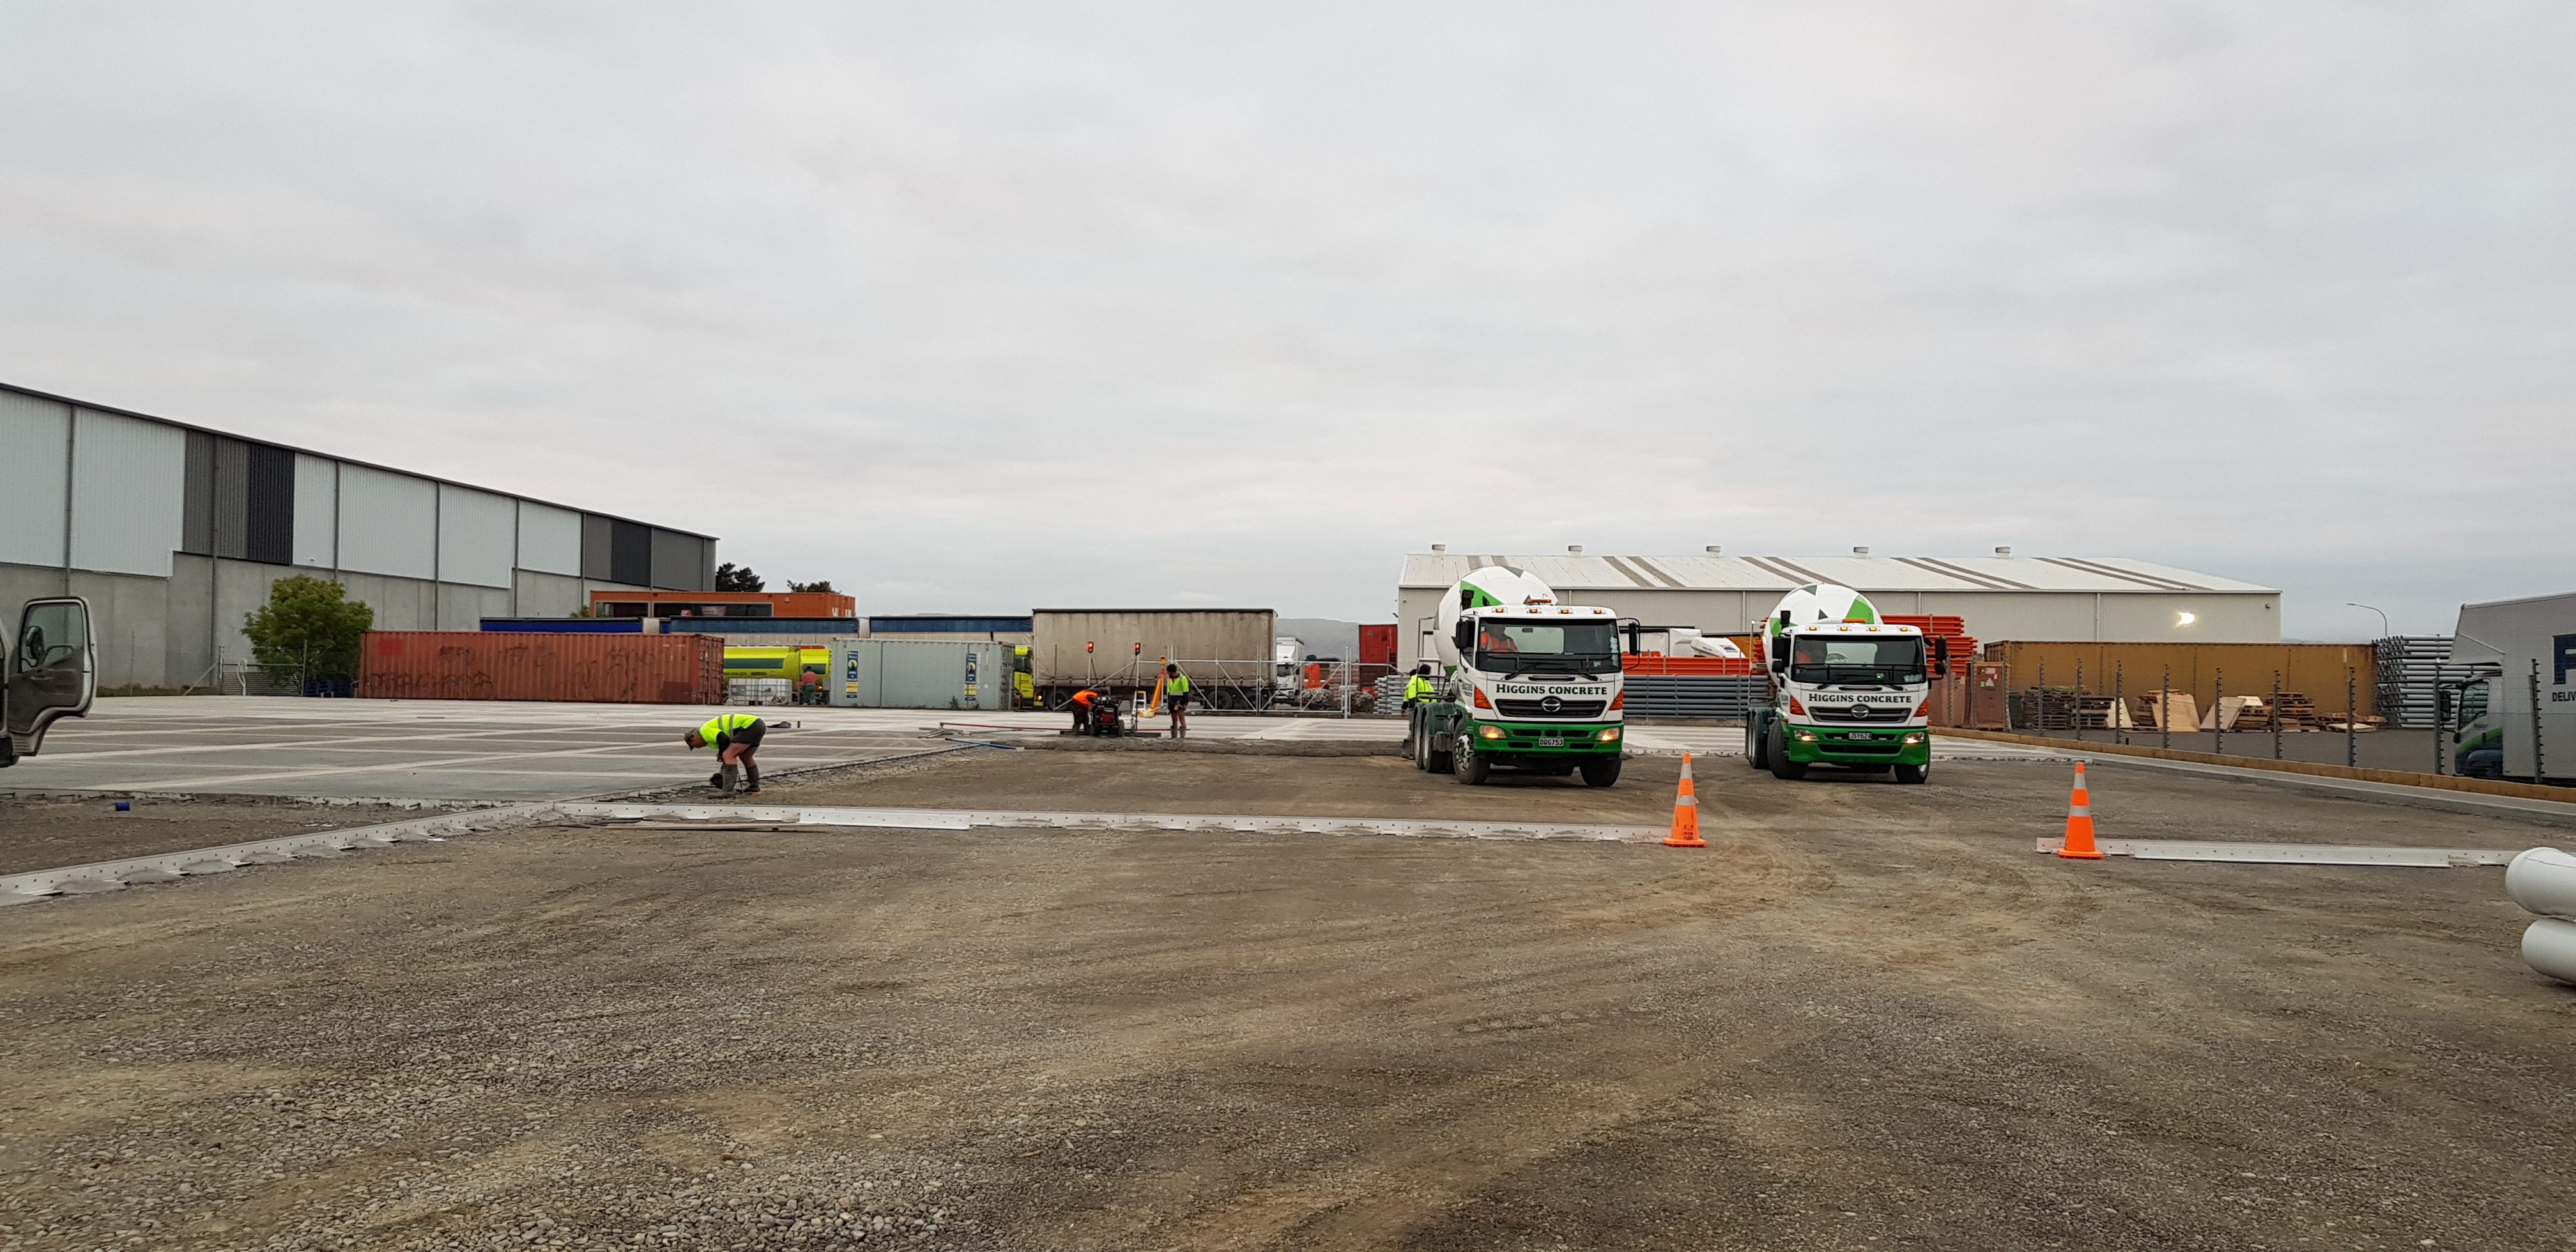 Cement trucks deliver Permaforce fibre reinforced concrete slurry to the slab site